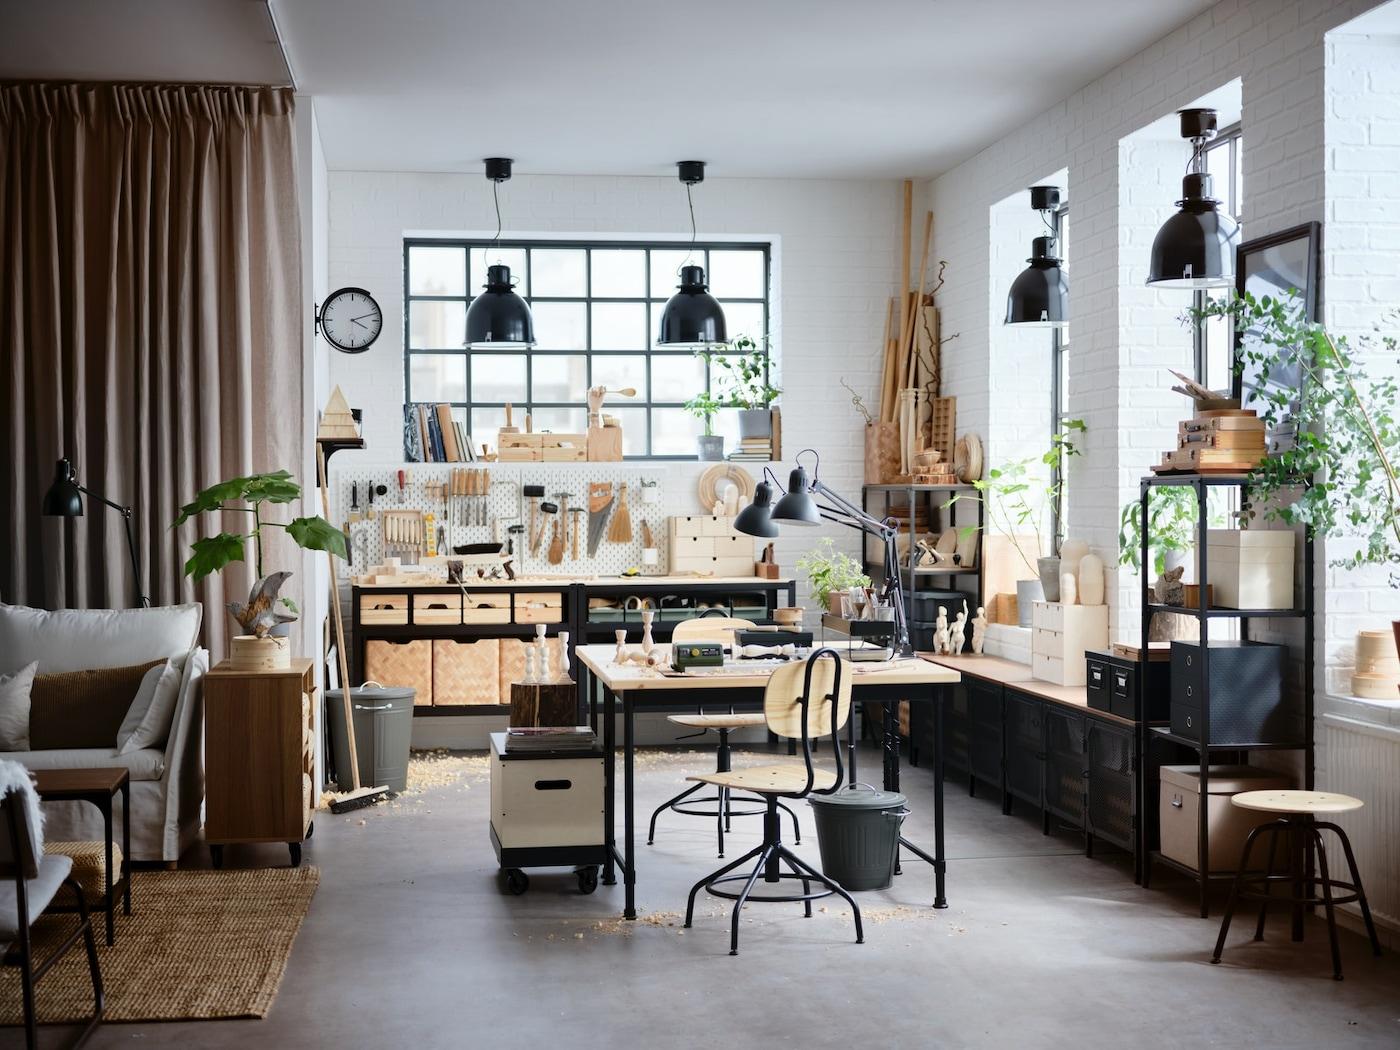 Une petite pièce avec un bureau vert, des étagères blanches, un lit banquette, une armoire ouverte et une suspension noire.